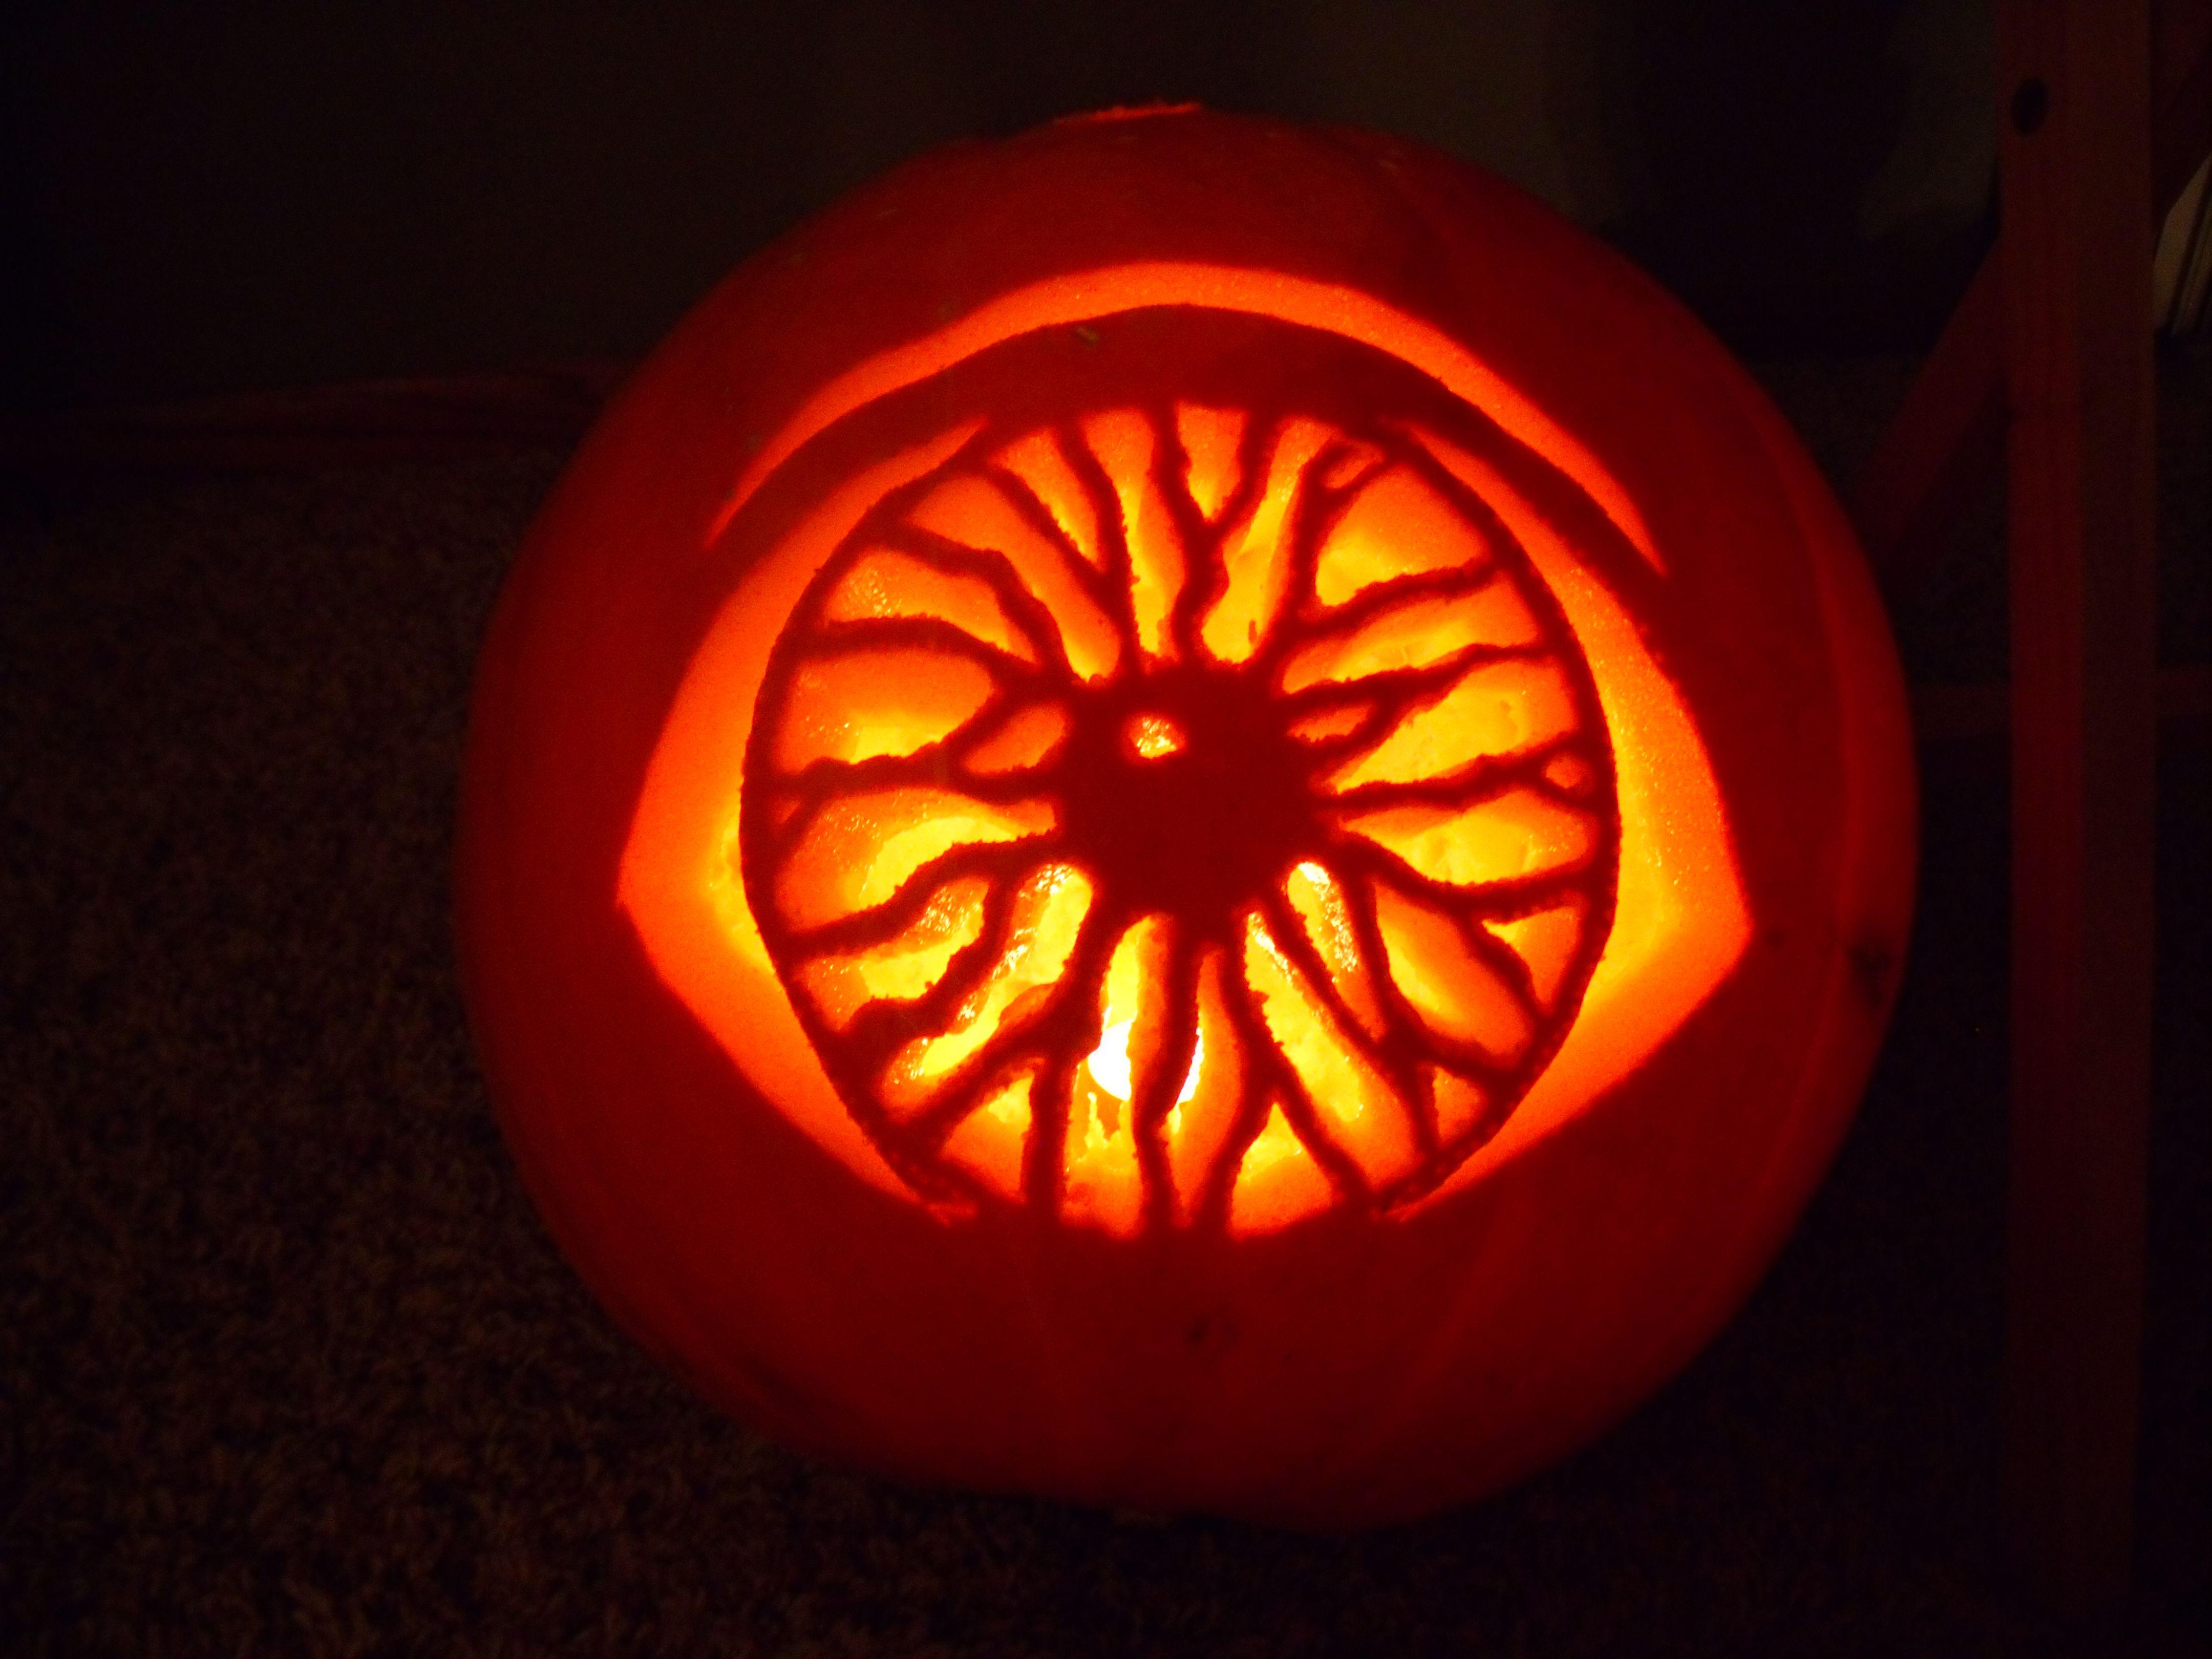 pumpkin template eyeball  5+ Best Cool, Creative & Scary Halloween Pumpkin Carving ...